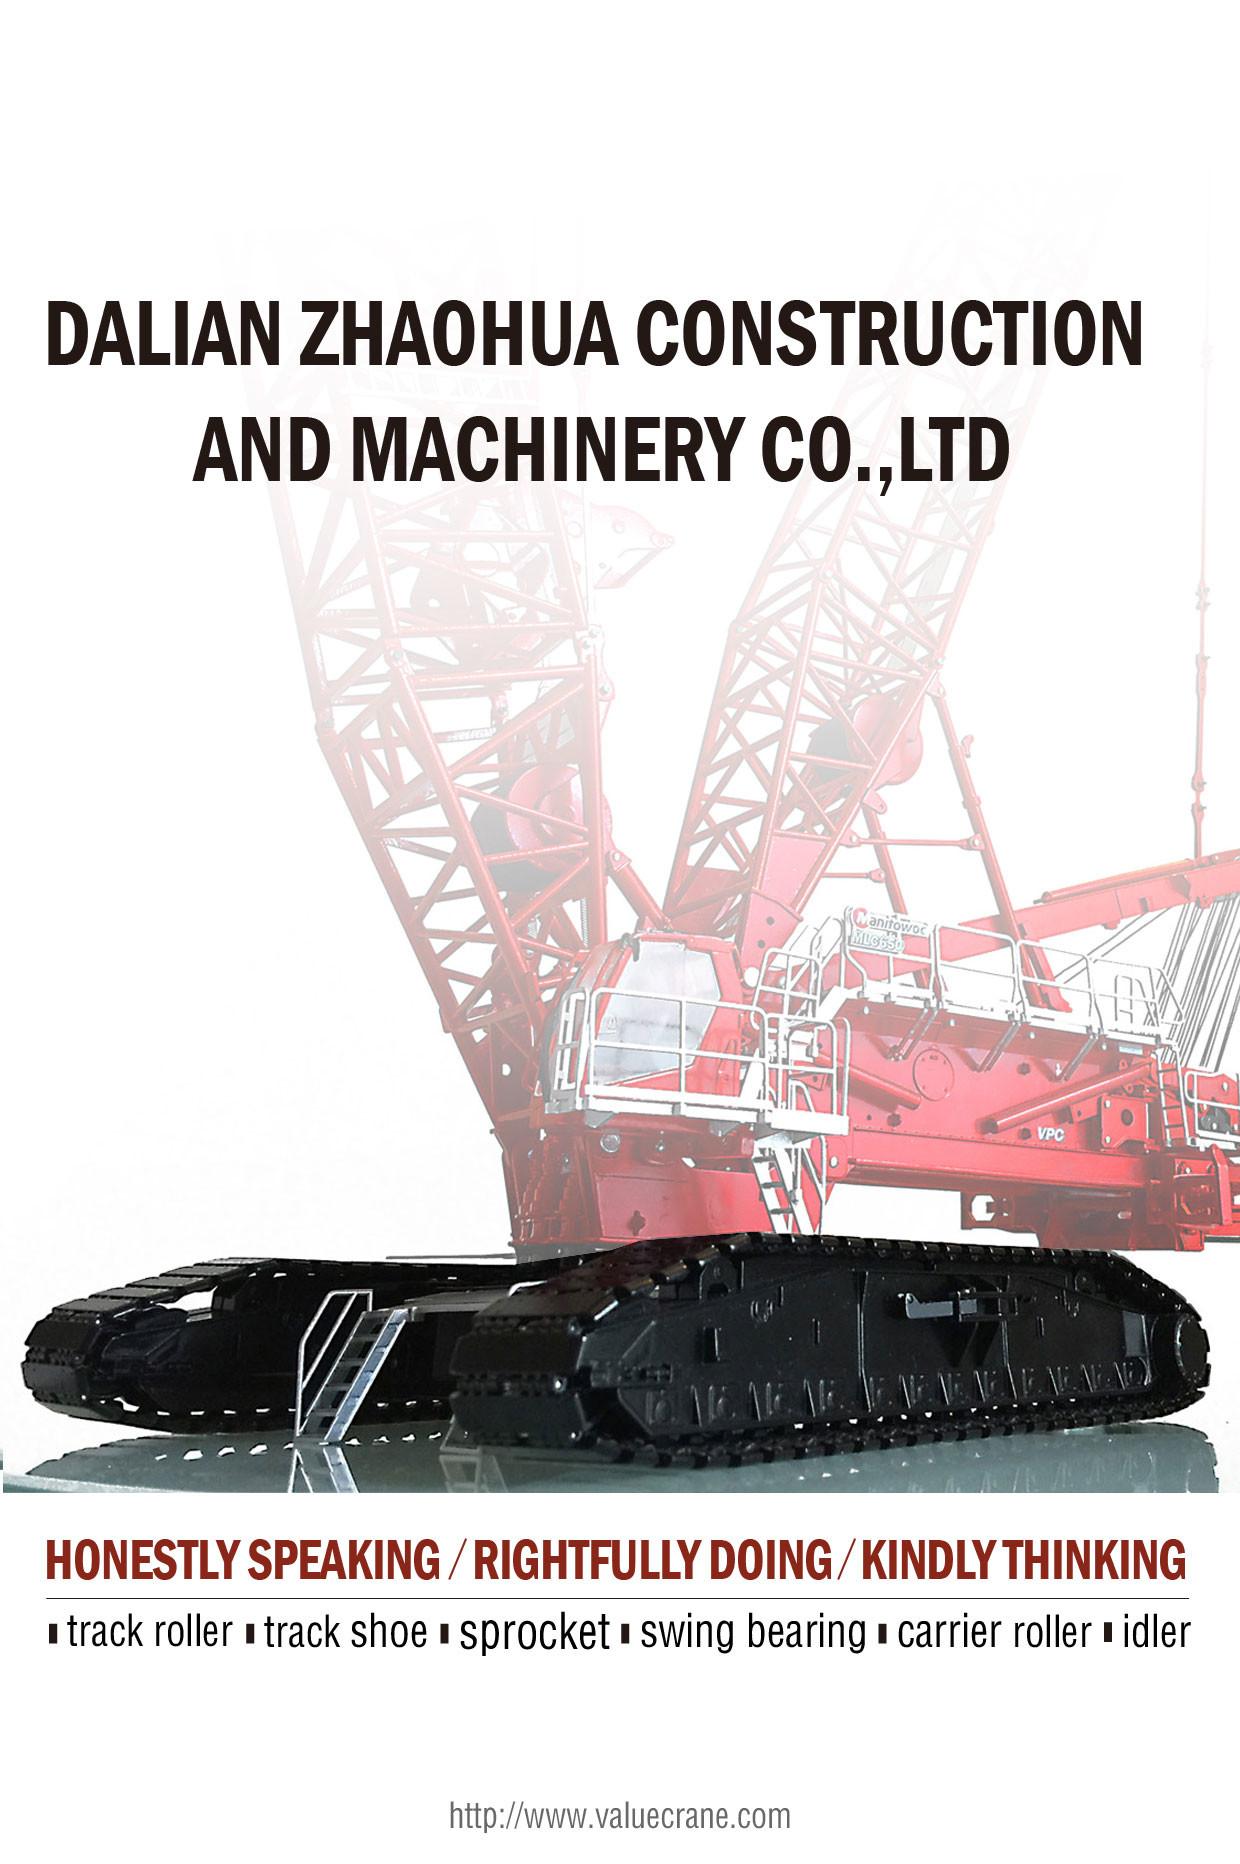 Kobelco PH330 track roller superior quality crawler crane